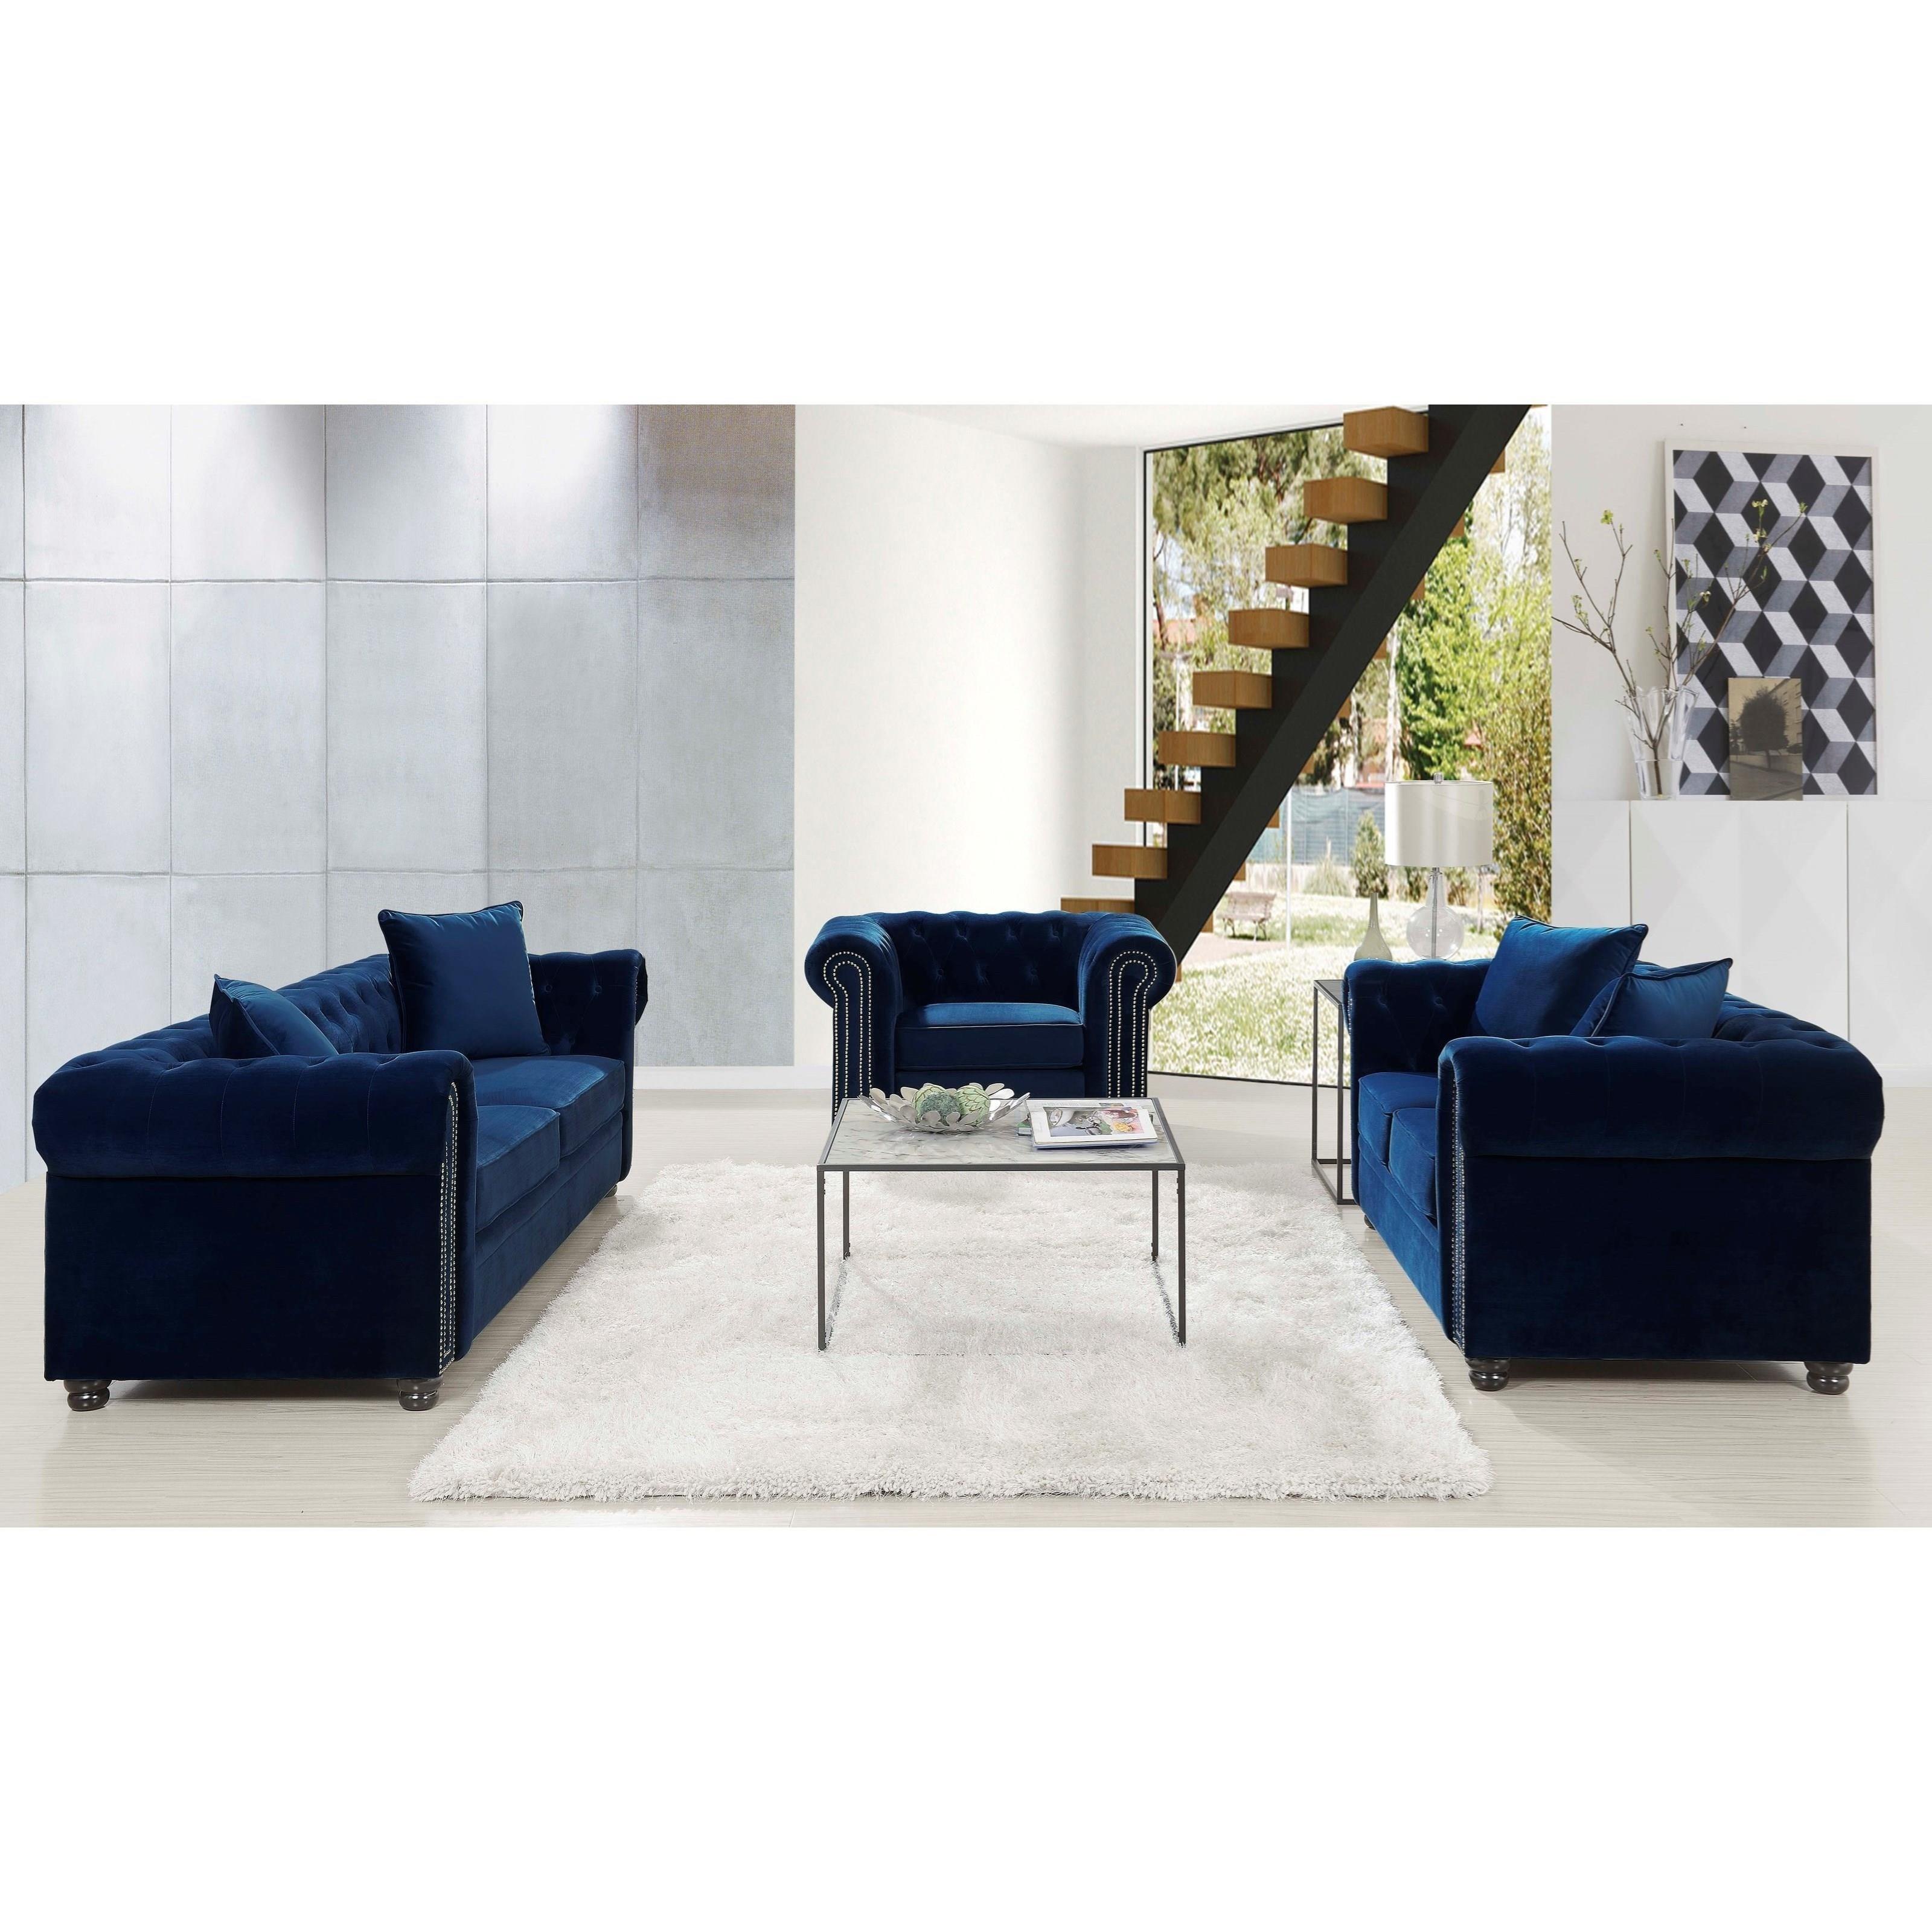 3-Piece Sofa Set